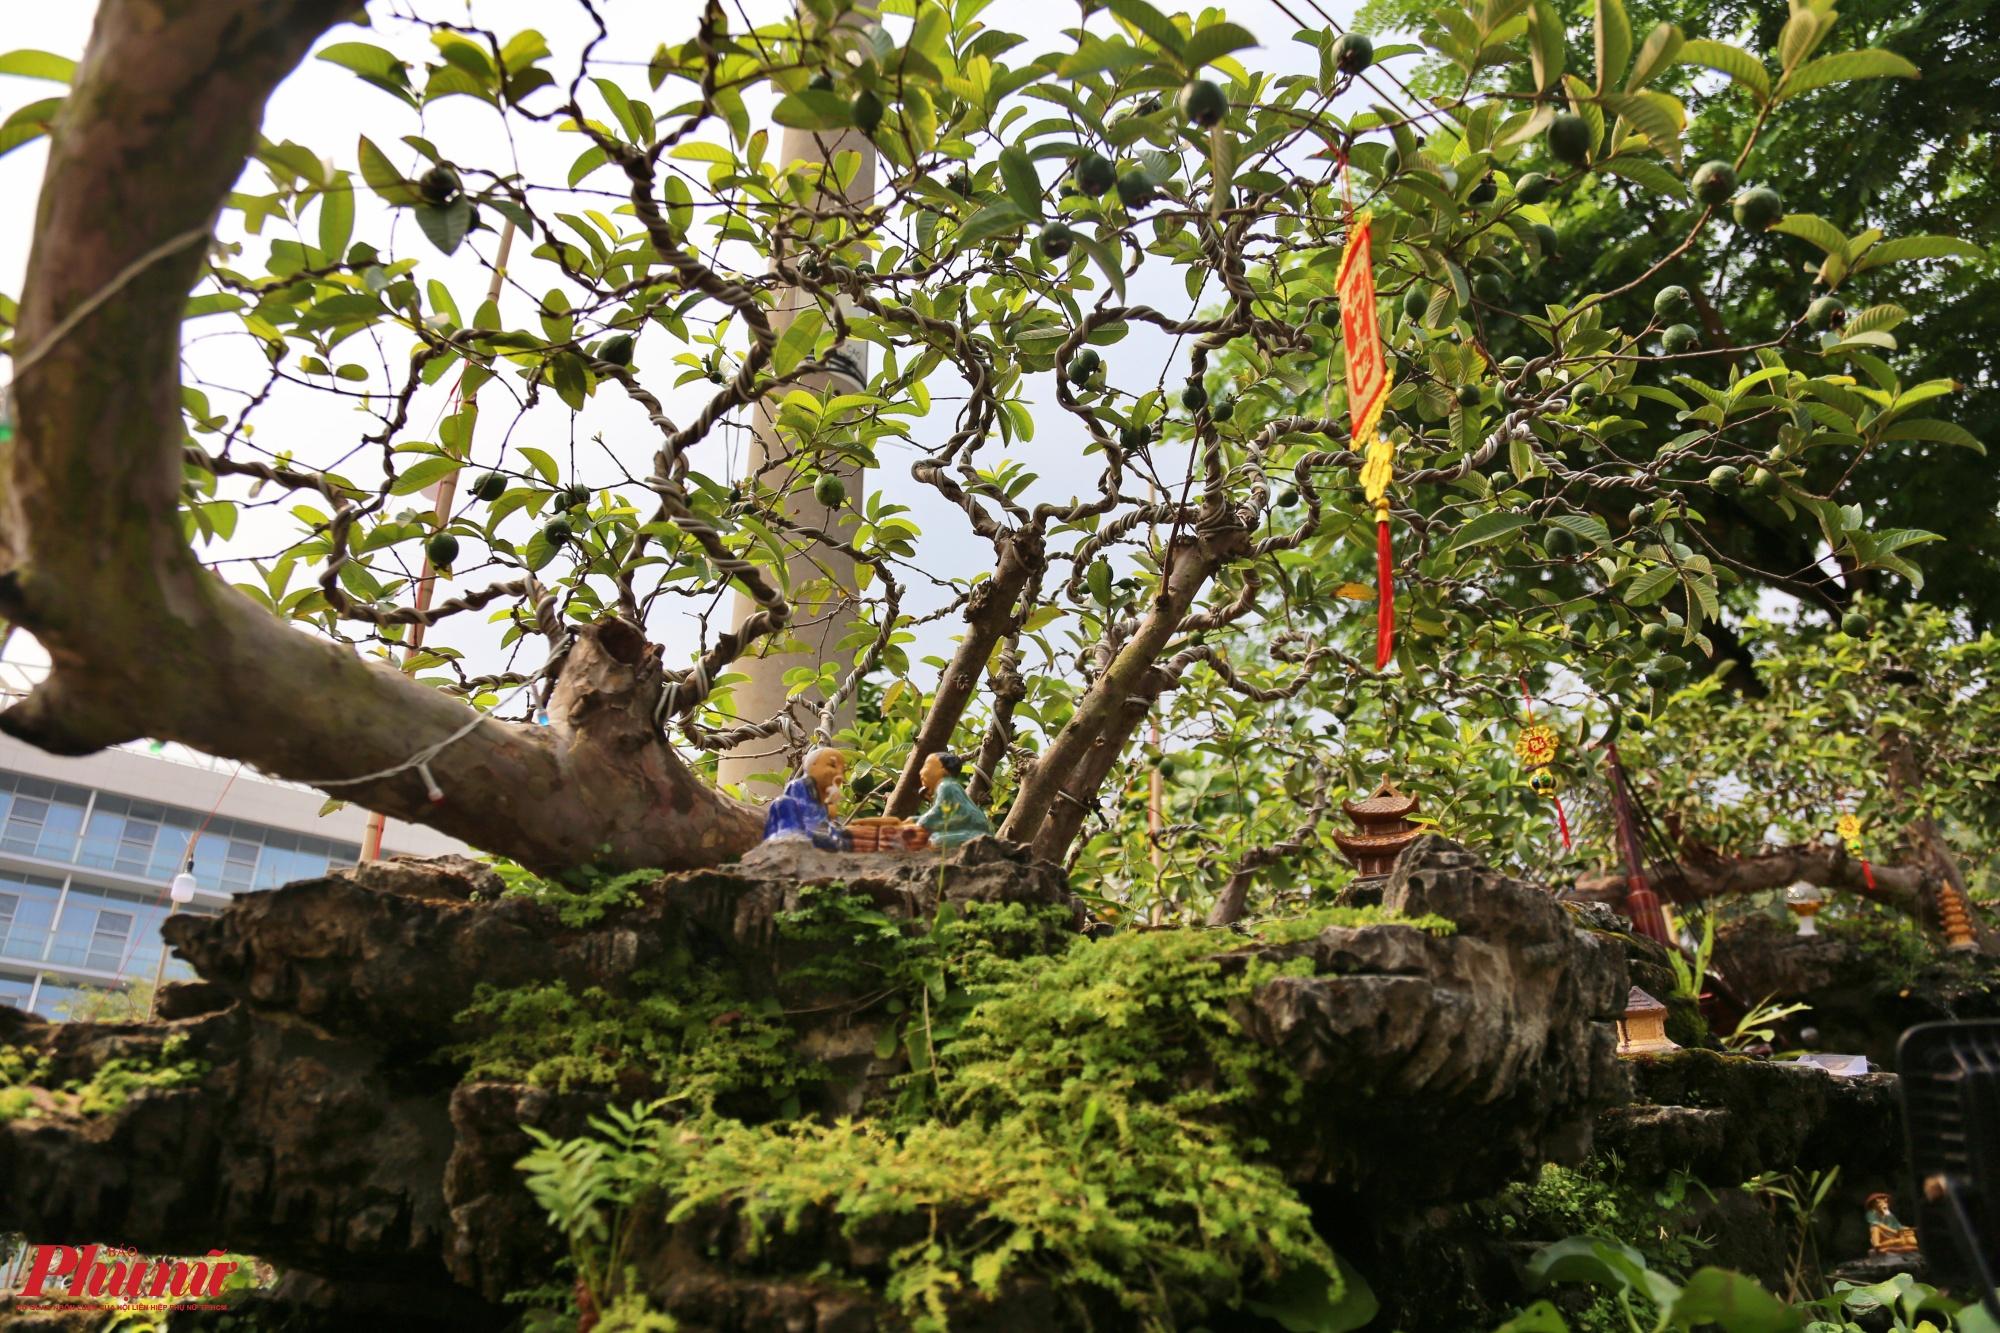 Chủ nhân của cây ổi còn khéo léo tạo tiểu cảnh quanh gốc ổi khá sinh động